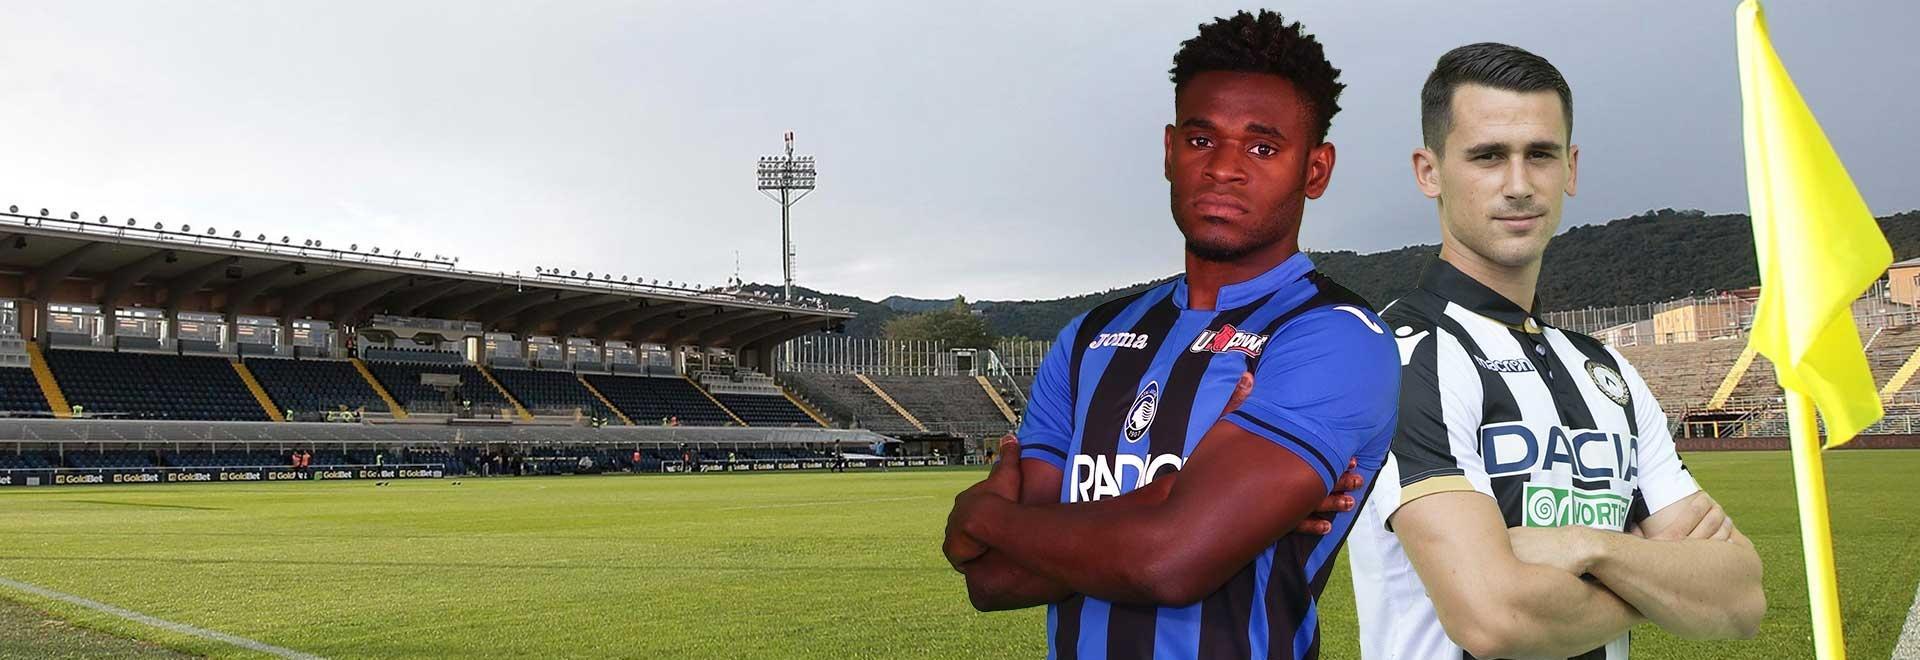 Atalanta - Udinese. 34a g.